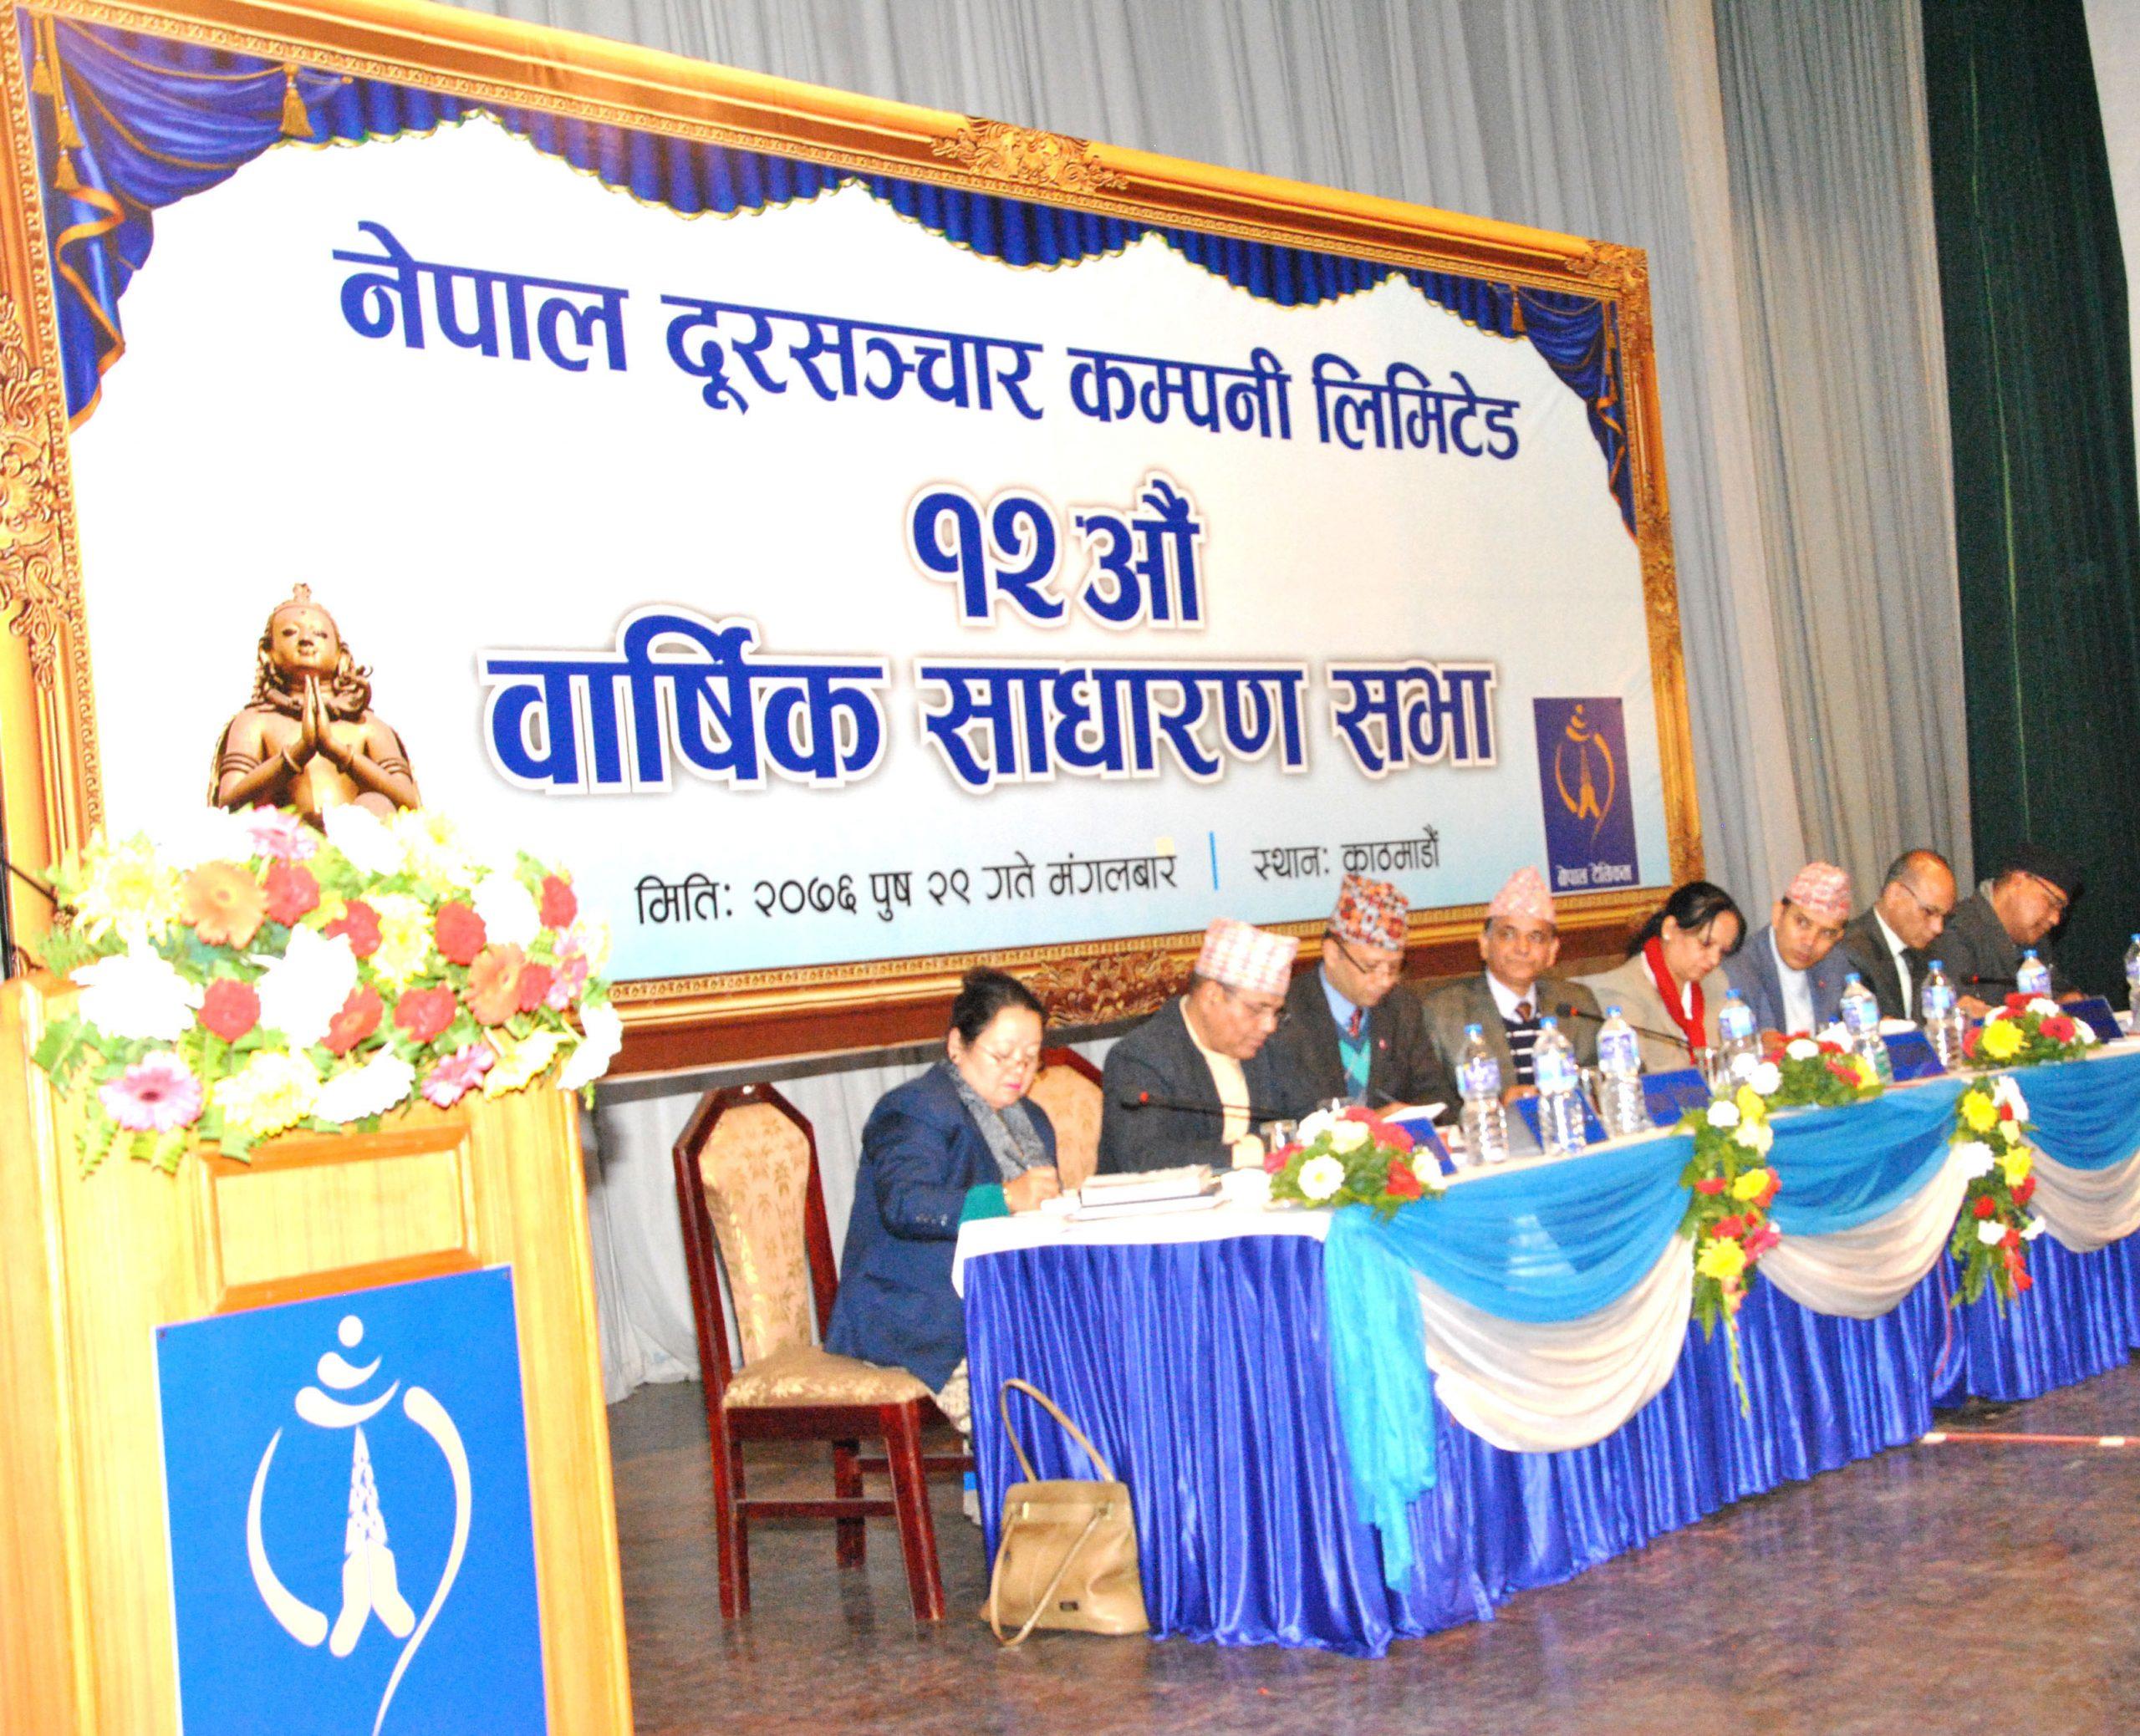 नेपाल टेलिकमको बाह्रौँ वार्षिक साधारण सभा सम्पन्न